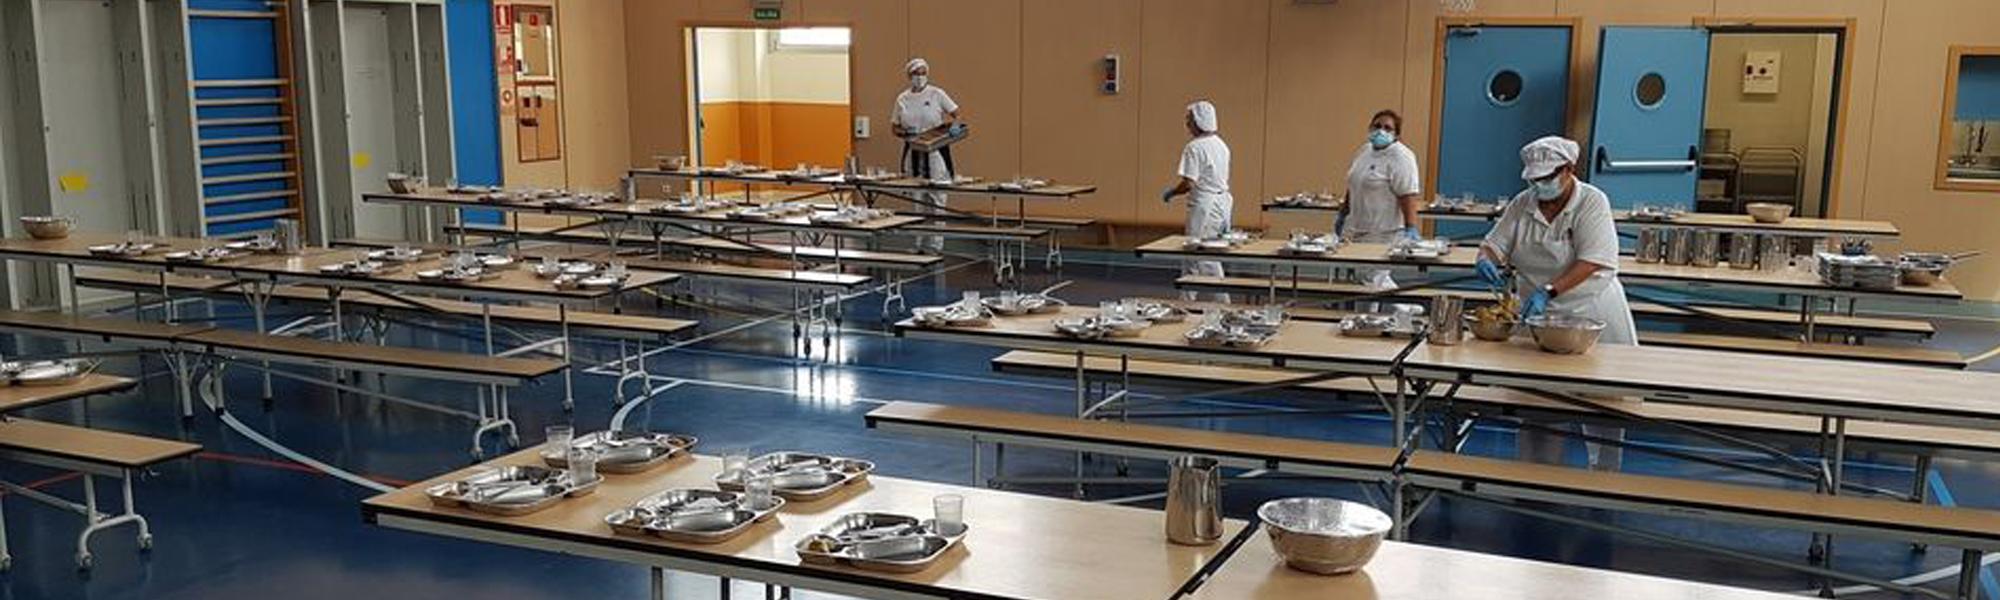 Servicio de Comedor Escolar colegio El Porvenir